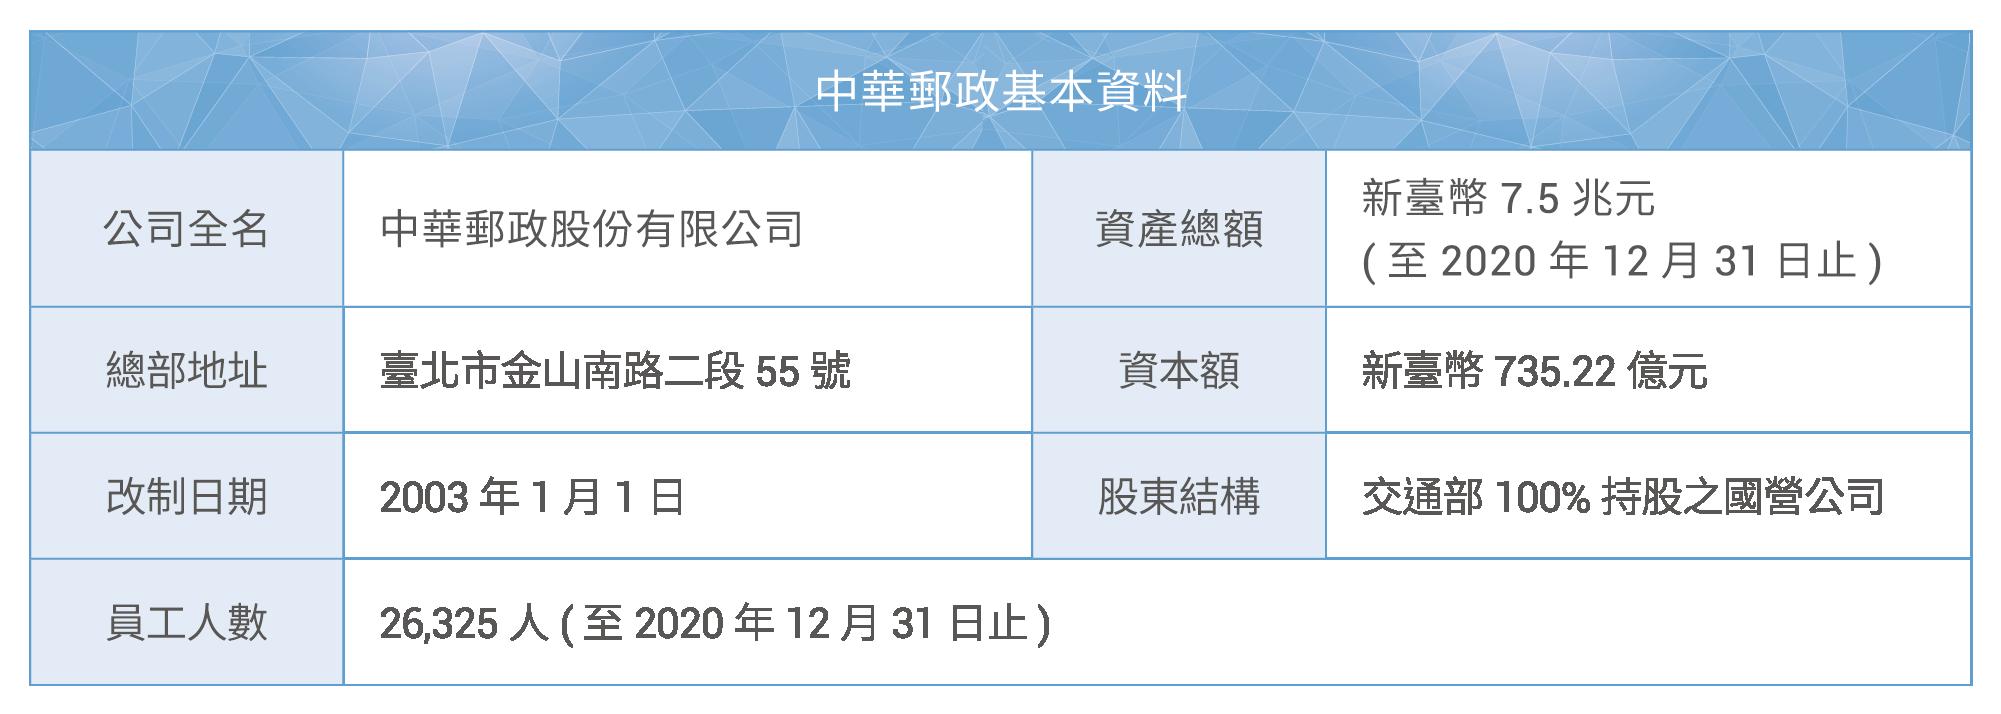 中華郵政基本資料